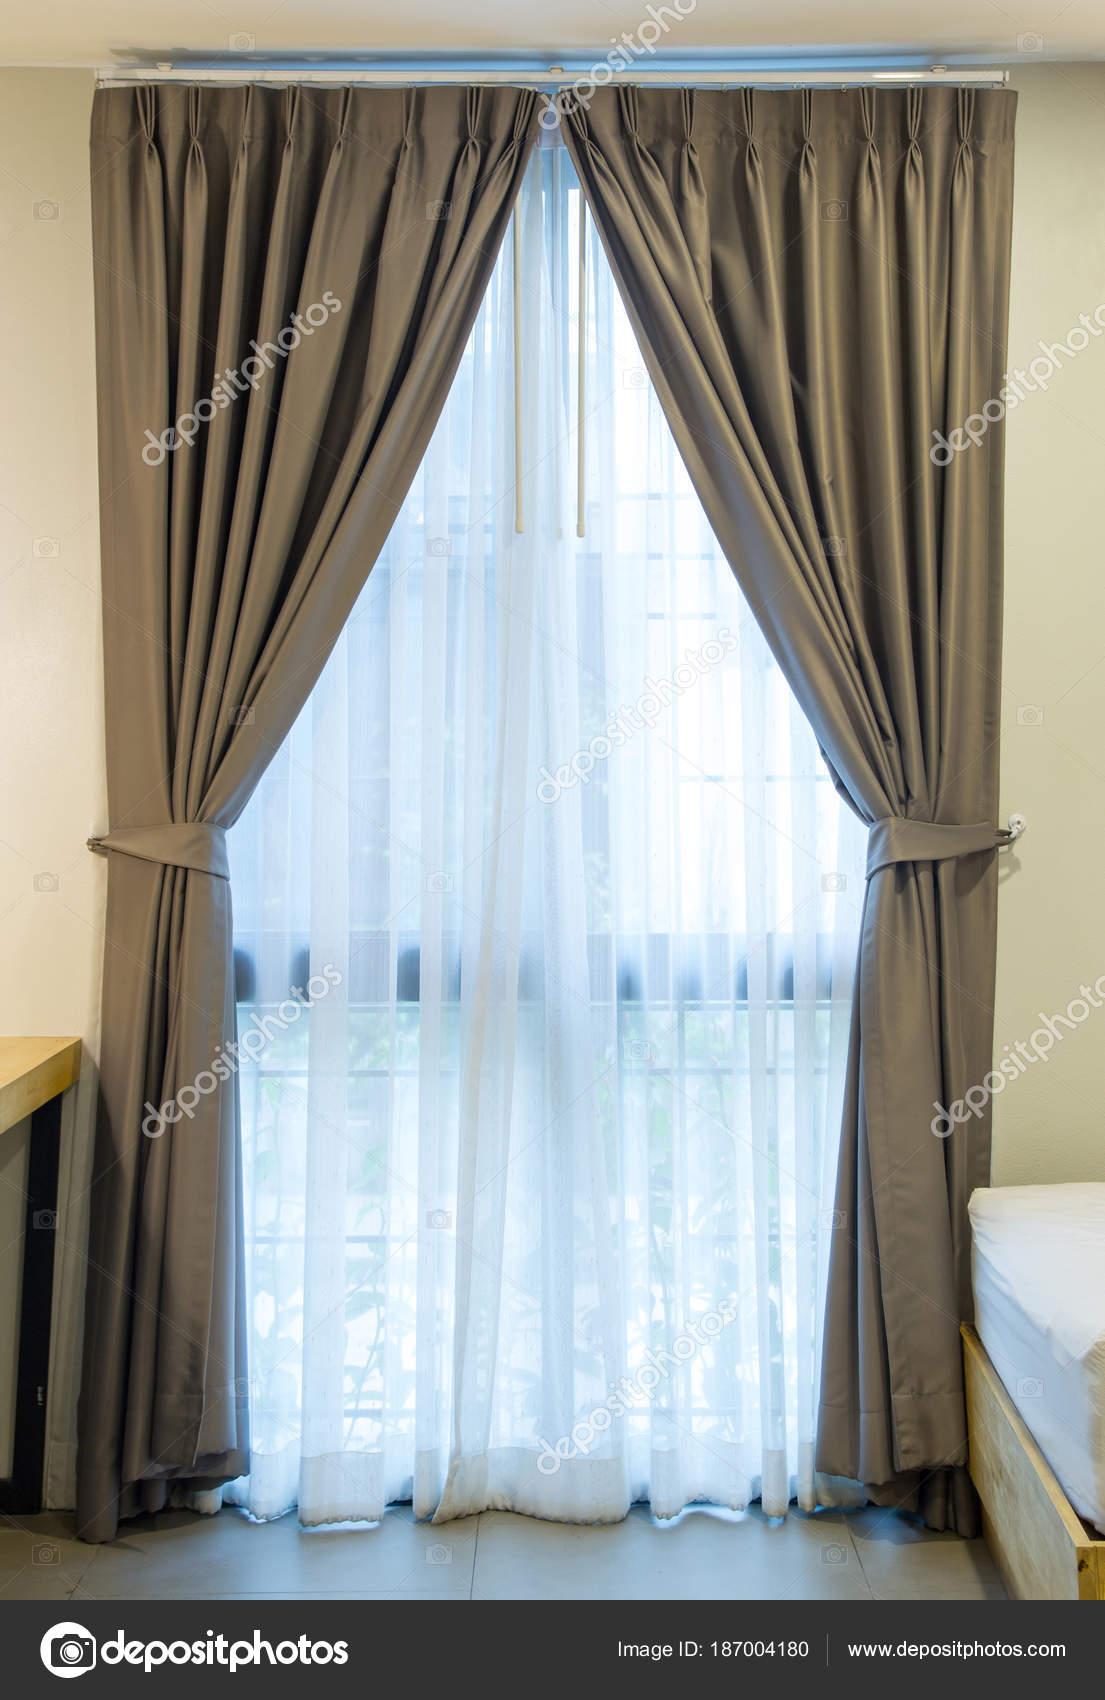 https://st3.depositphotos.com/1268919/18700/i/1600/depositphotos_187004180-stockafbeelding-lege-gordijn-interieurdecoratie-op-de.jpg